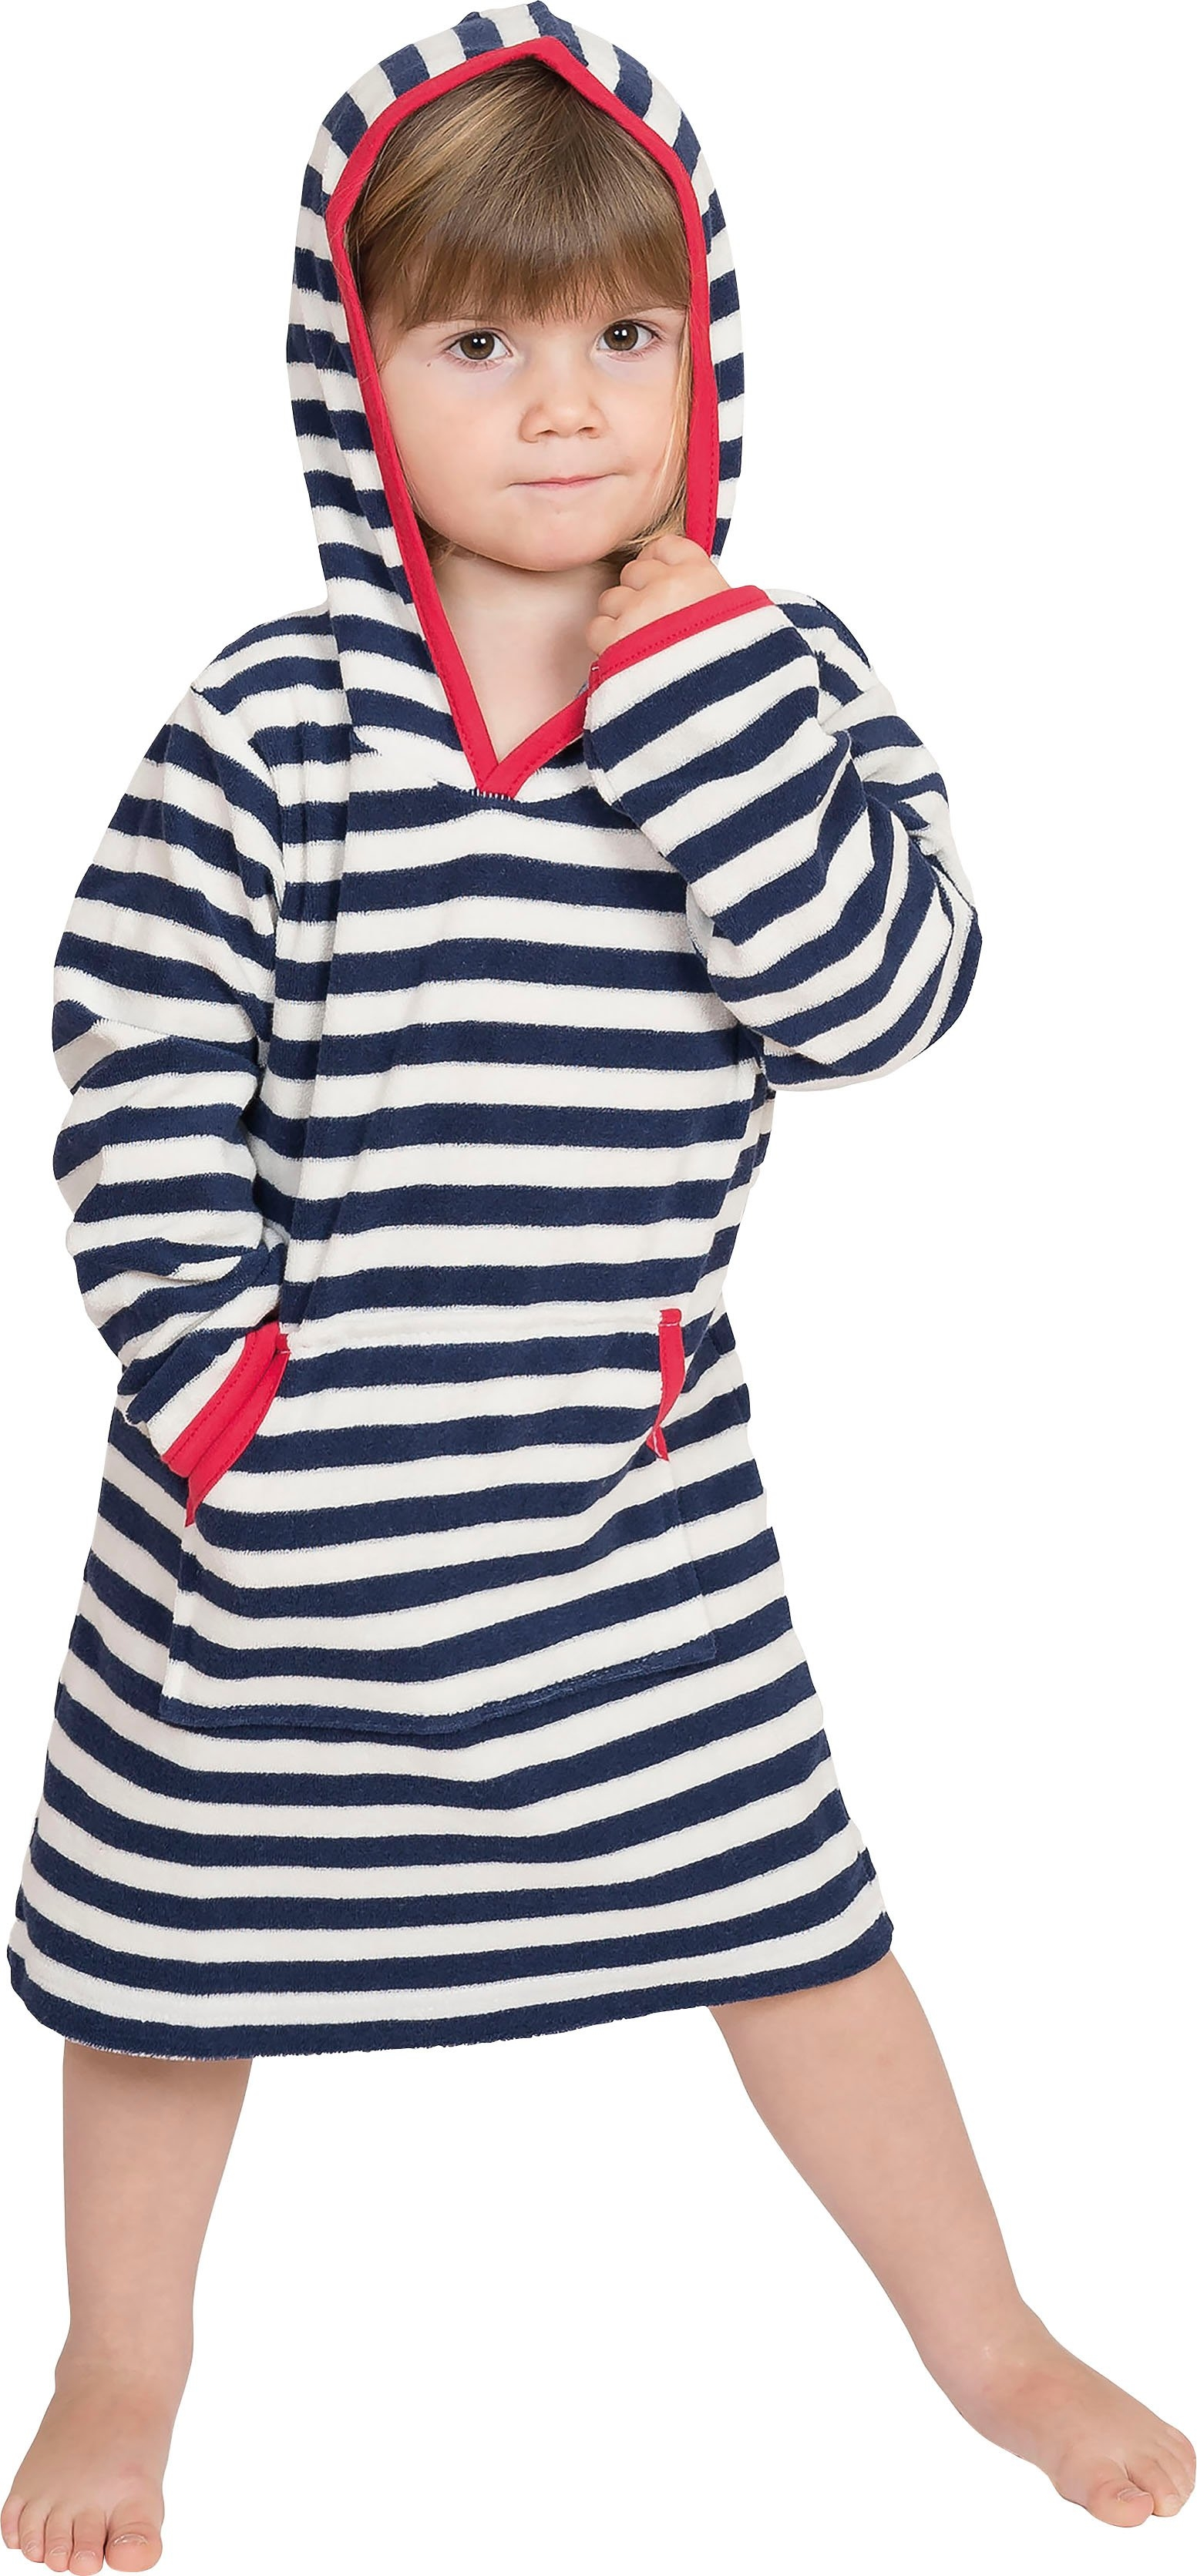 Op zoek naar een Wewo fashion badjas 8017 met kangoeroezak (1 stuk)? Koop online bij OTTO